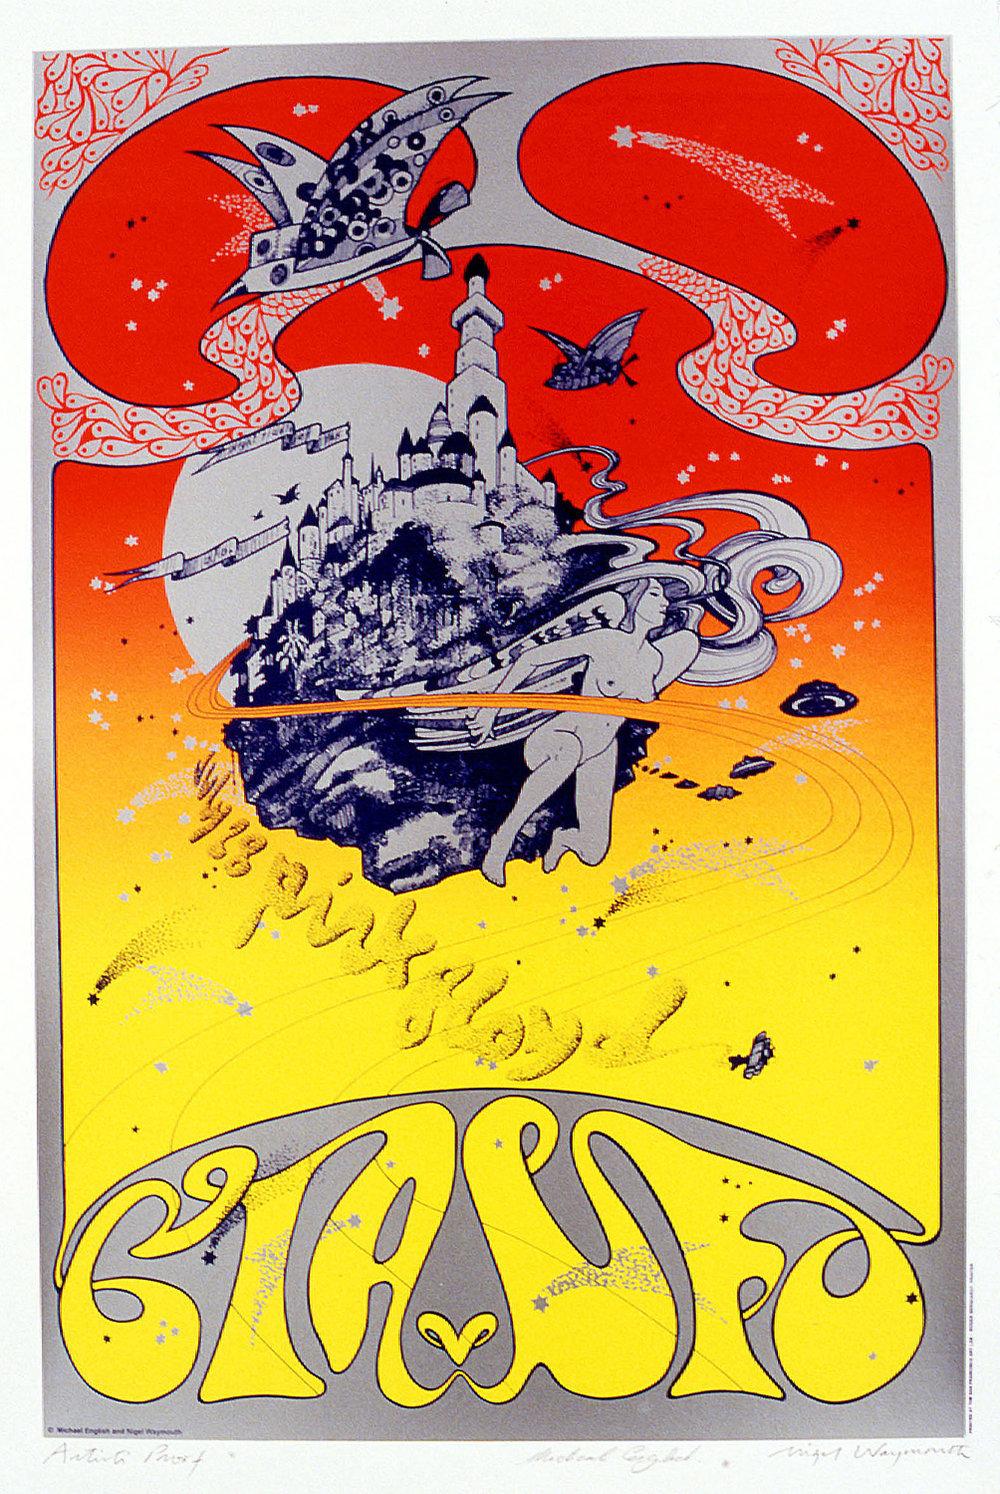 PINK FLOYD, CIA v UFO '67